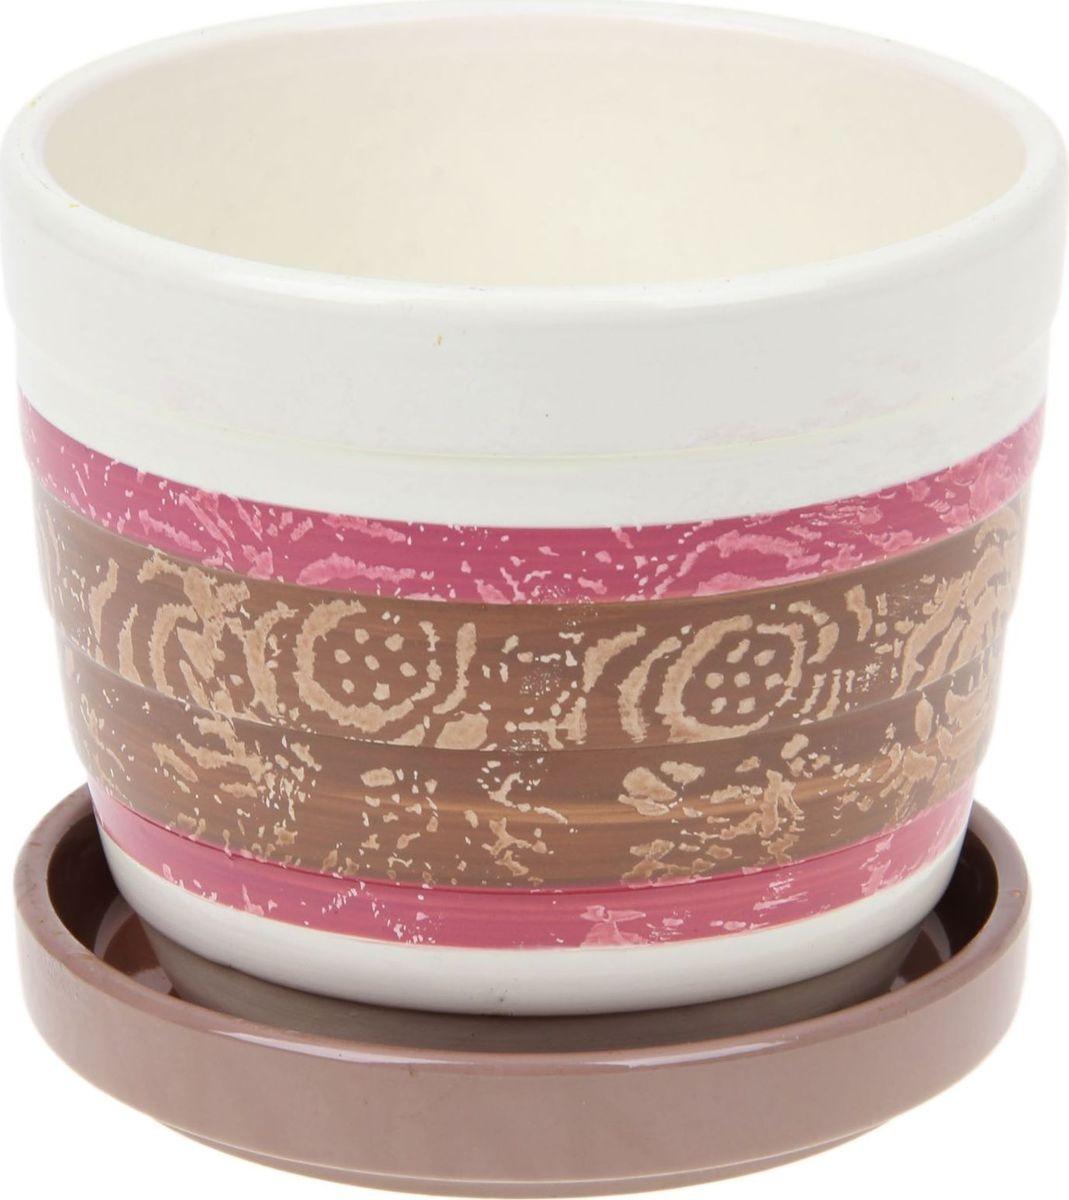 Кашпо Розы, цвет: розовый, 1,24 л1056026Комнатные растения — всеобщие любимцы. Они радуют глаз, насыщают помещение кислородом и украшают пространство. Каждому из них необходим свой удобный и красивый дом. Кашпо из керамики прекрасно подходят для высадки растений: за счёт пластичности глины и разных способов обработки существует великое множество форм и дизайновпористый материал позволяет испаряться лишней влагевоздух, необходимый для дыхания корней, проникает сквозь керамические стенки! #name# позаботится о зелёном питомце, освежит интерьер и подчеркнёт его стиль.